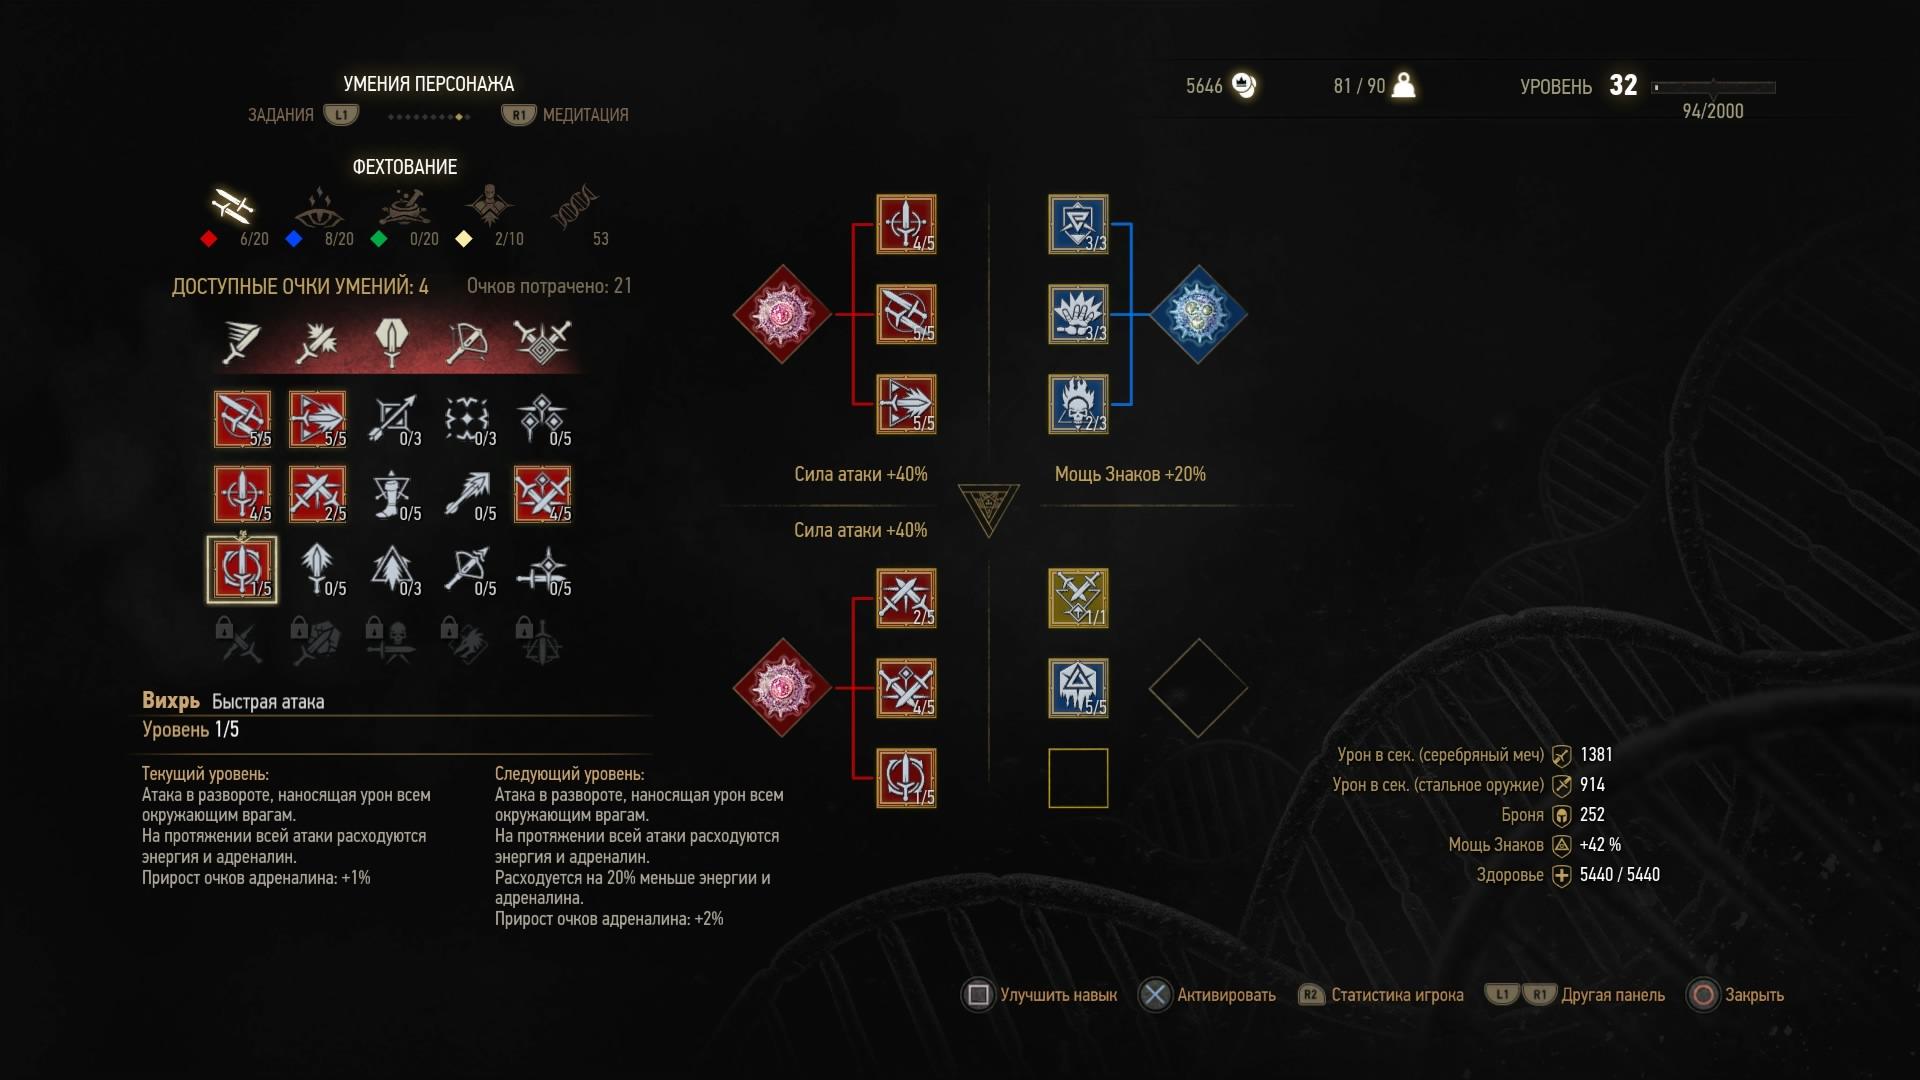 Игра престолов на английском с субтитрами